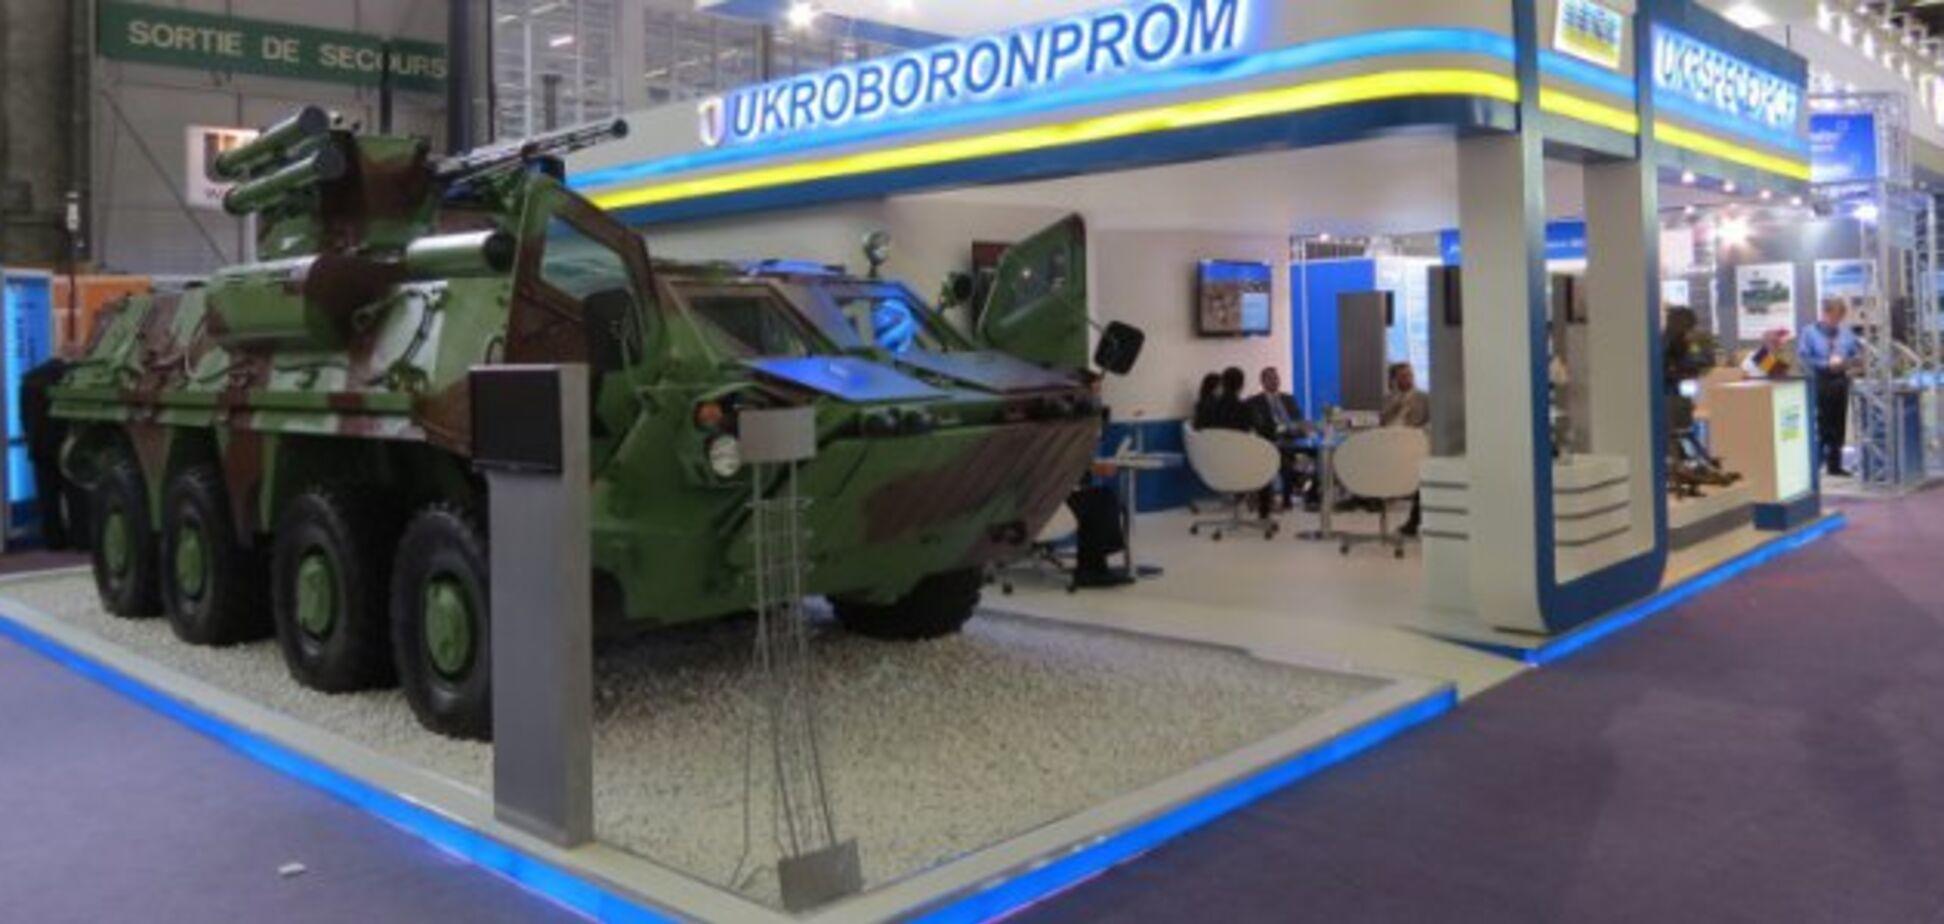 Аферы чиновников 'Укроборонпрома' с ГСМ срывают экспорт украинских вооружений - СМИ